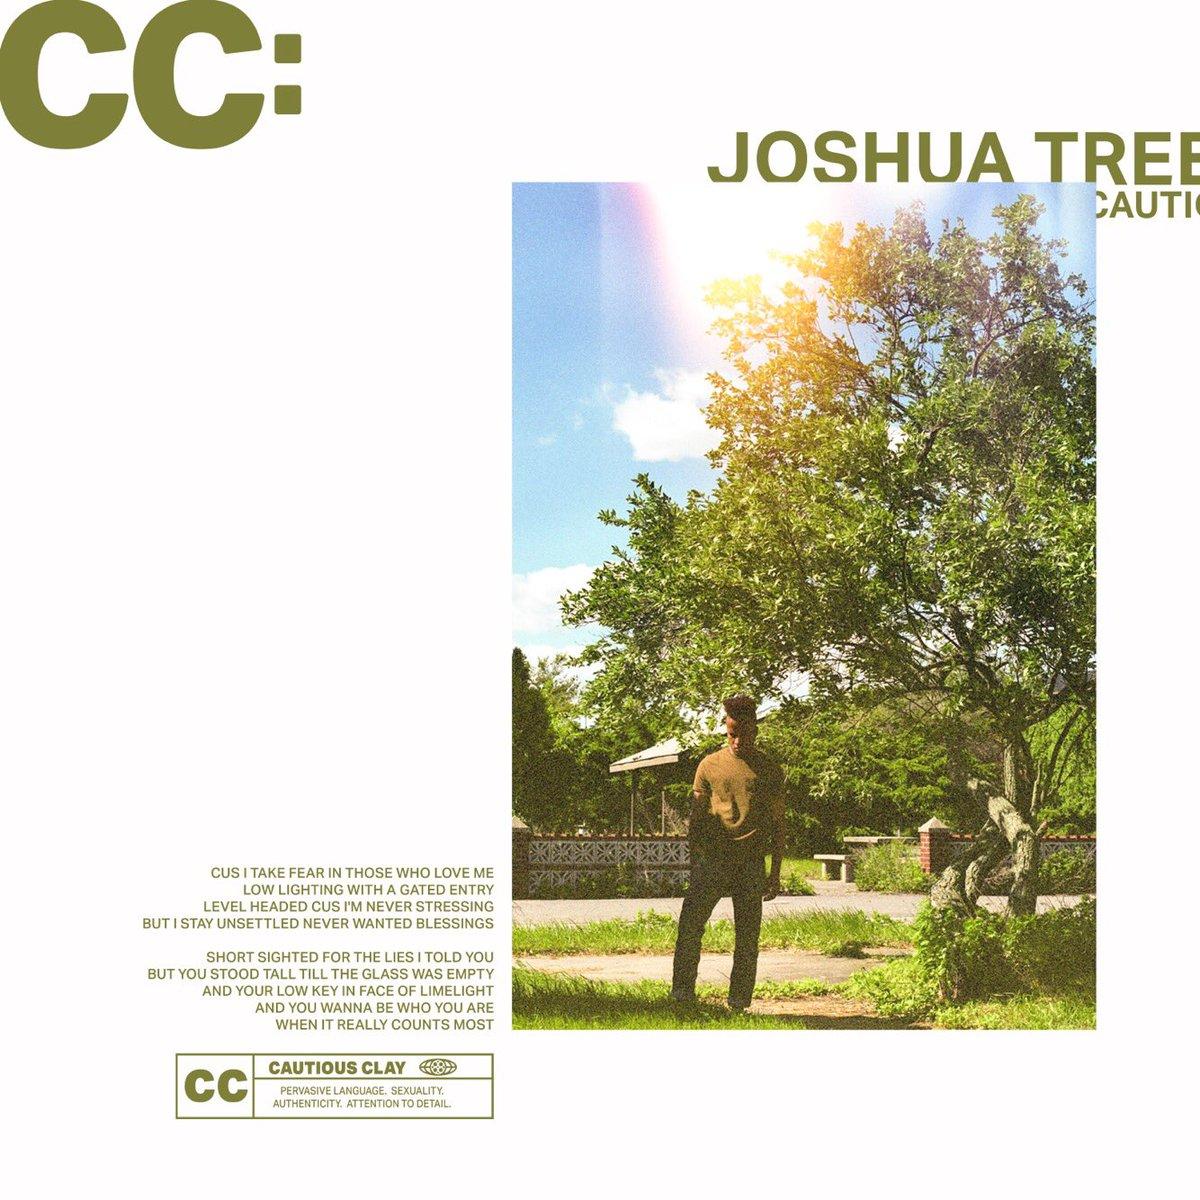 Cautious Clay joshua tree